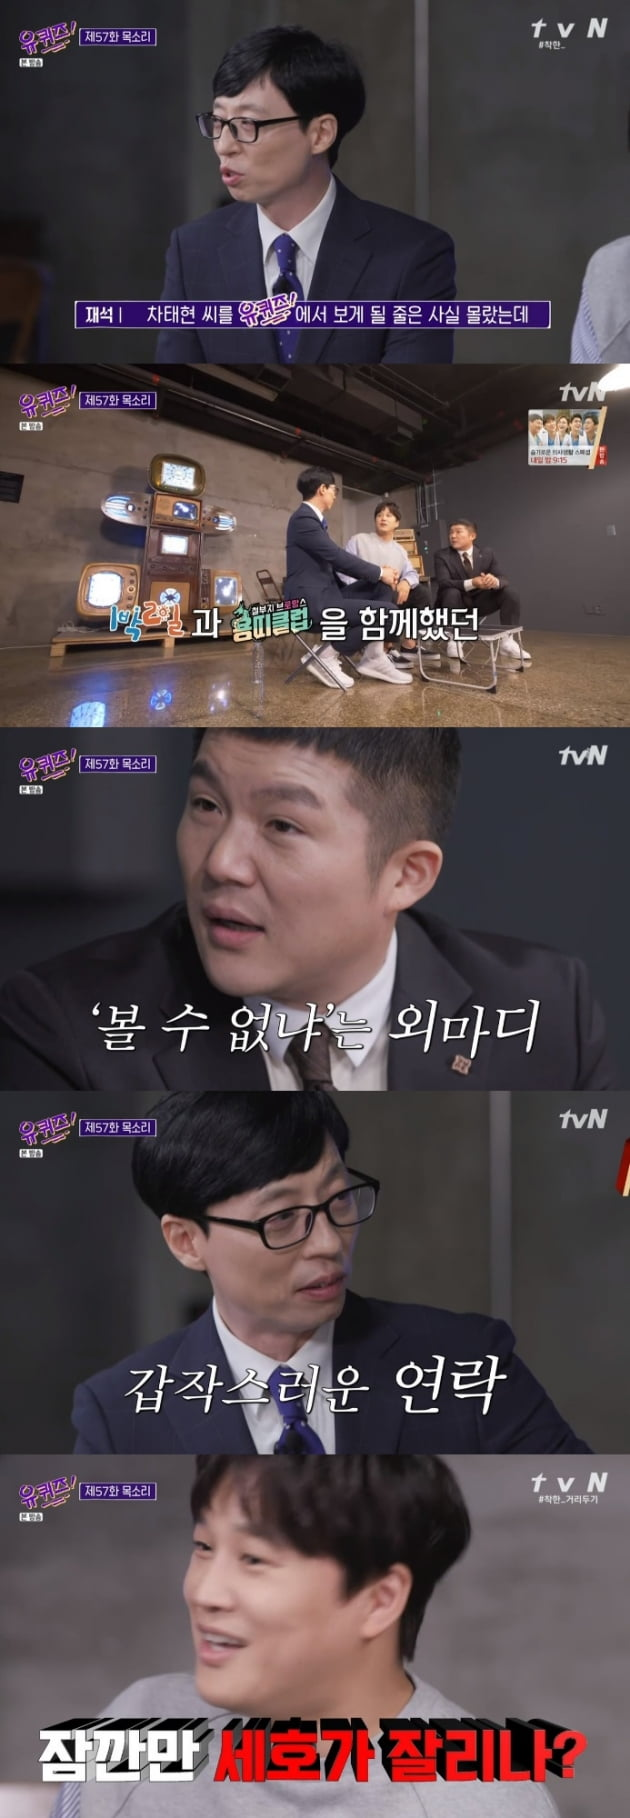 '유퀴즈온더블럭' 차태현 / 사진 = tvN 영상 캡처